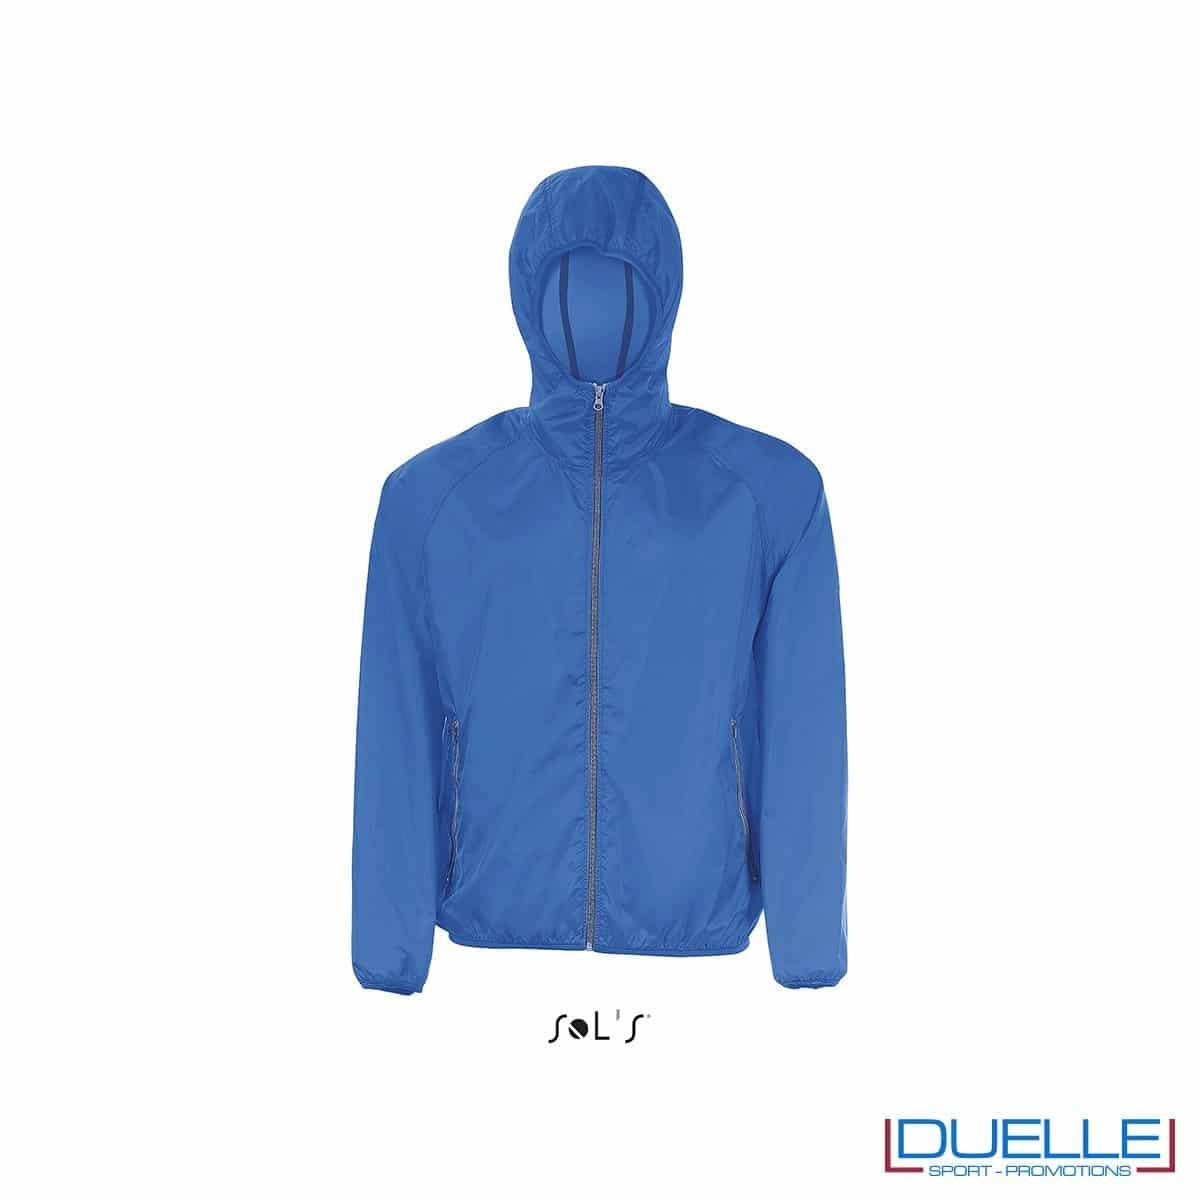 giacca antivento personalizzata in colore blu royal, kappa way personalizzato blu royal, k-way personalizzato blu royal, abbigliamento promozionale personalizzato